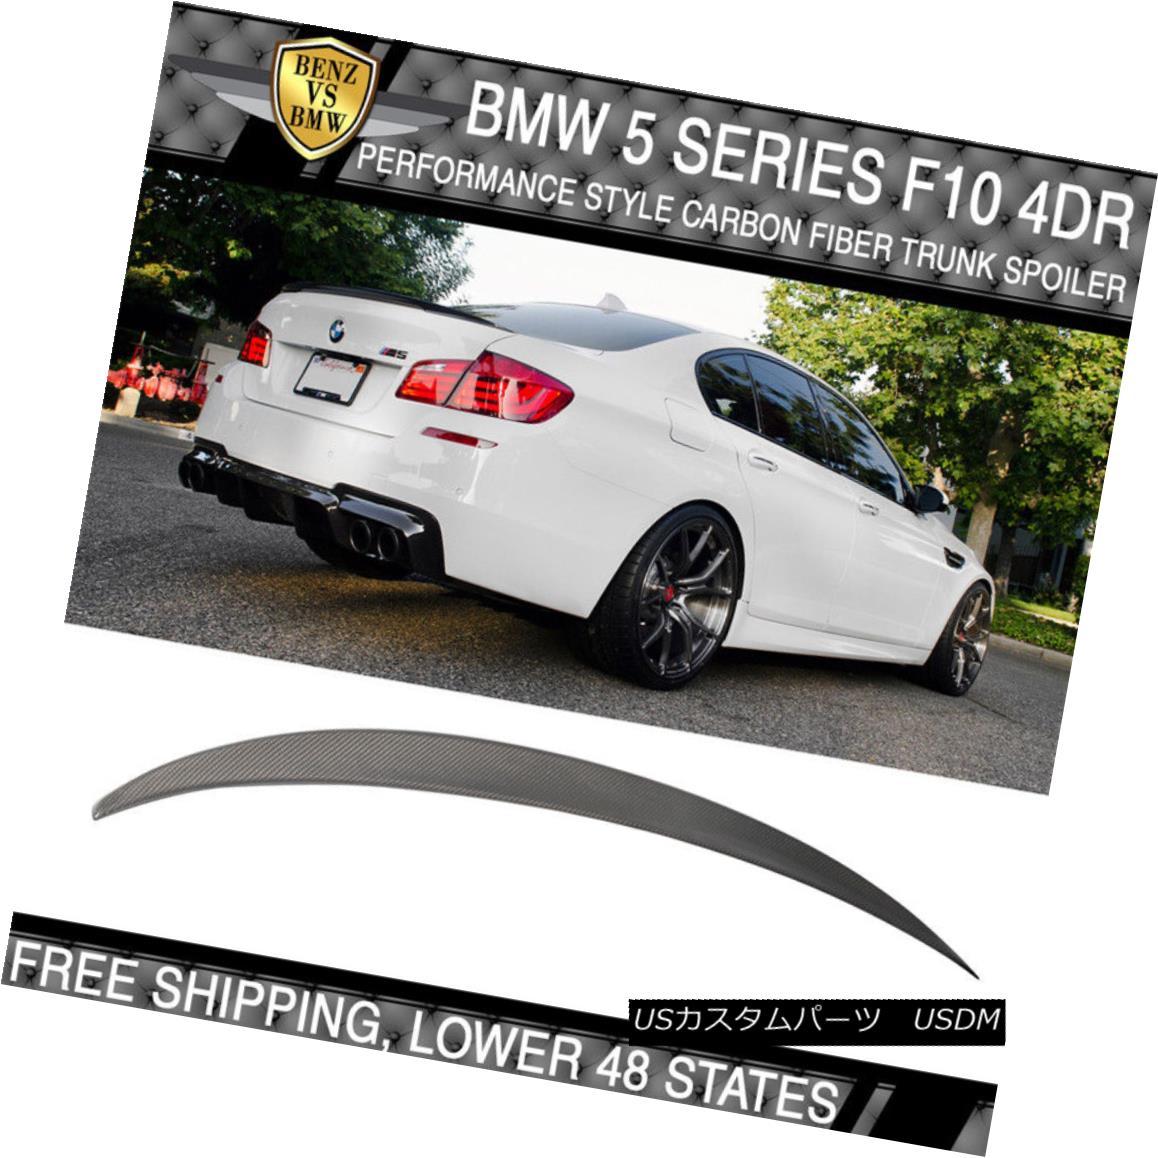 エアロパーツ USA Stock Fit 11-16 F10 Sedan Performance Trunk Spoiler Matte Carbon Fiber (CF) USAストックフィット11-16 F10セダンパフォーマンストランクスポイラーマットカーボンファイバー(CF)